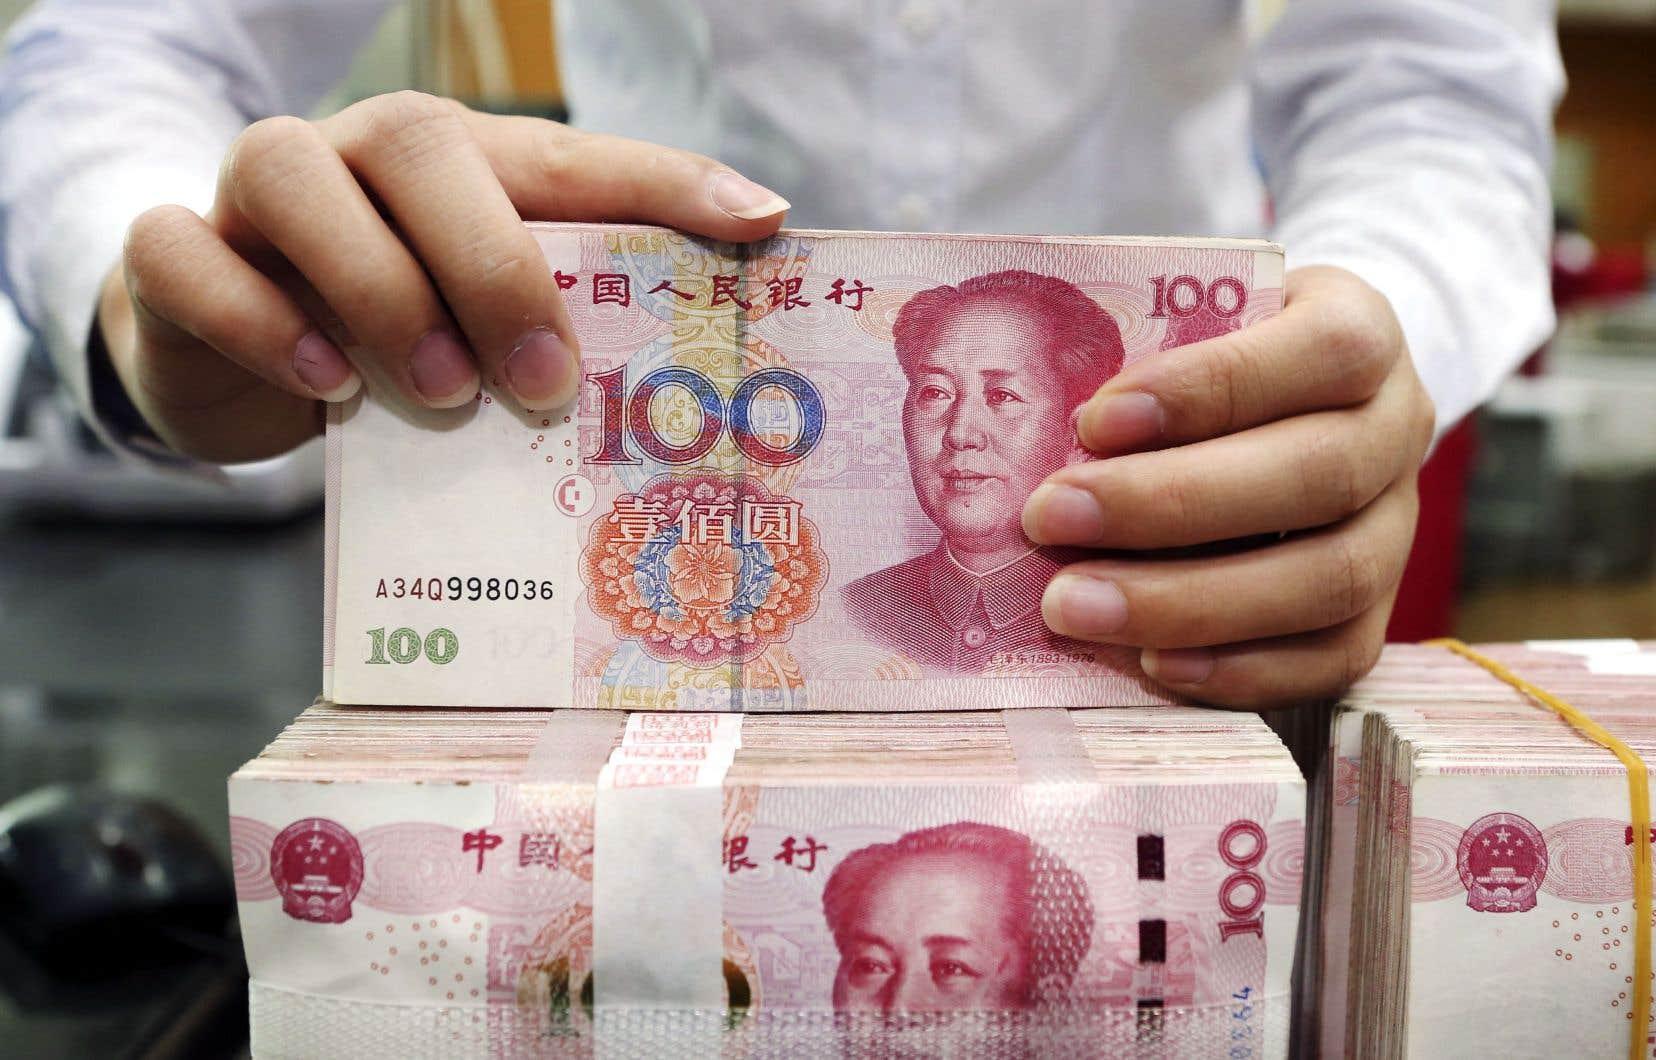 La libra «représente un danger pour le yuan» au moment où Pékin est soucieux de stabiliser sa monnaie, affirme Song Houze, du groupe de réflexion MacroPolo spécialisé dans l'économie chinoise.